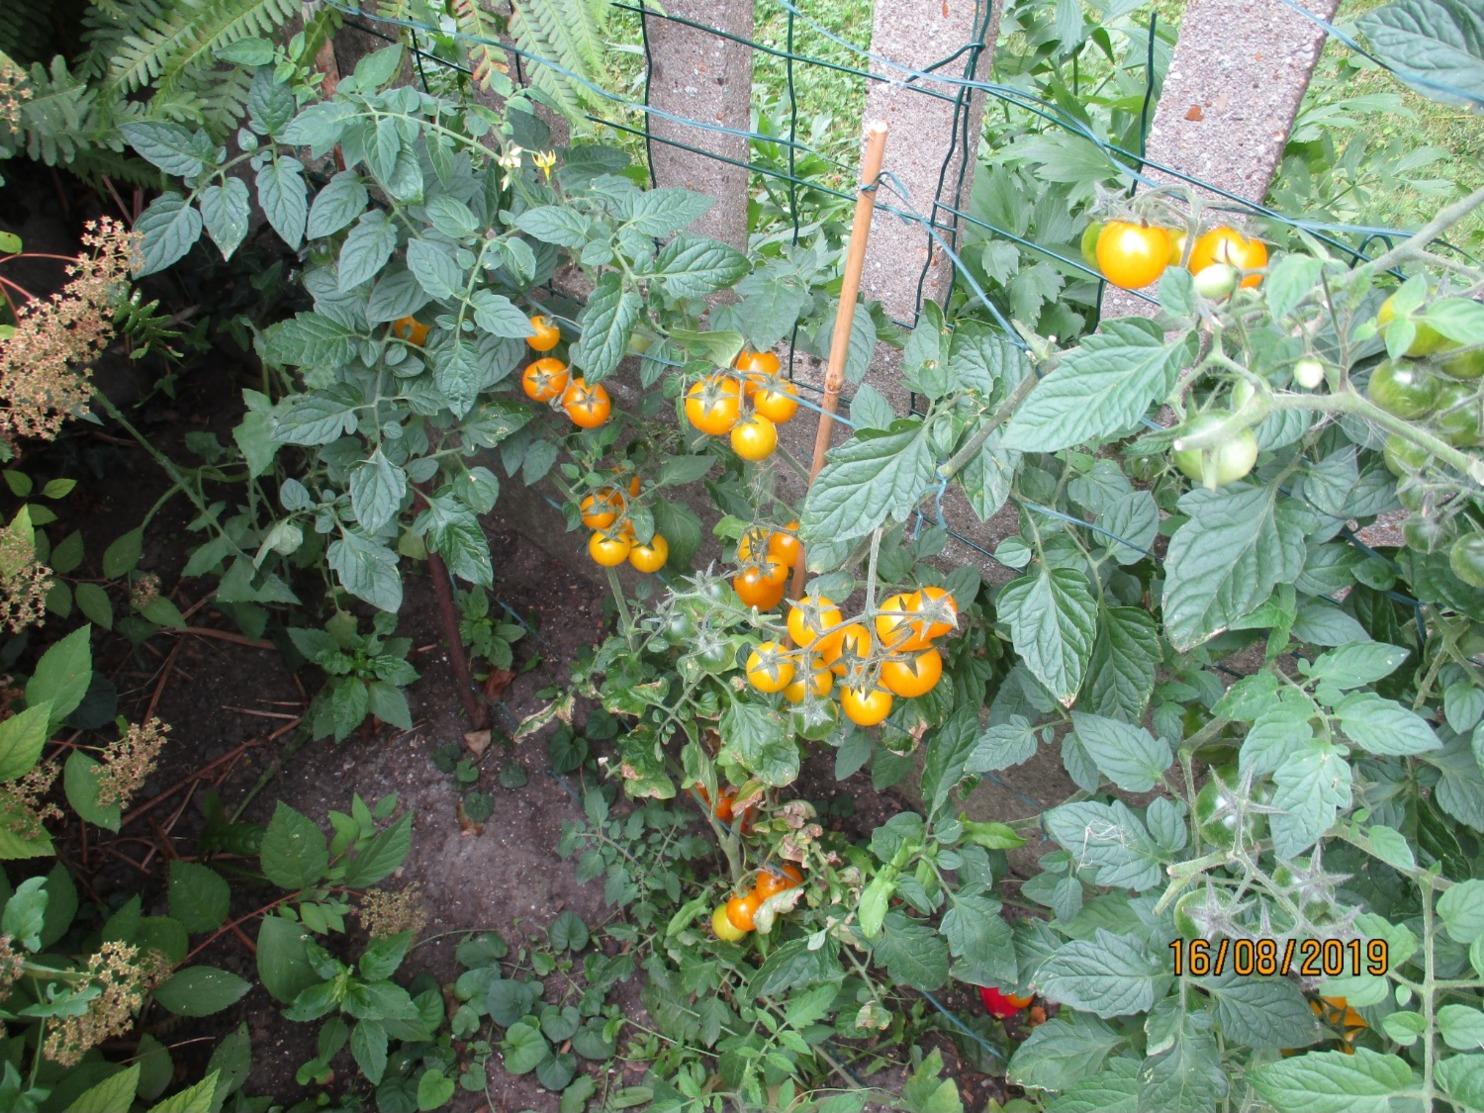 25 Graines De Tomates Cerise Ronde Rouge Et 25 Jaune Cultivé Bio En Serre Et En Pleine Terre Sans Bouillie Bordelaise - 2. Semi